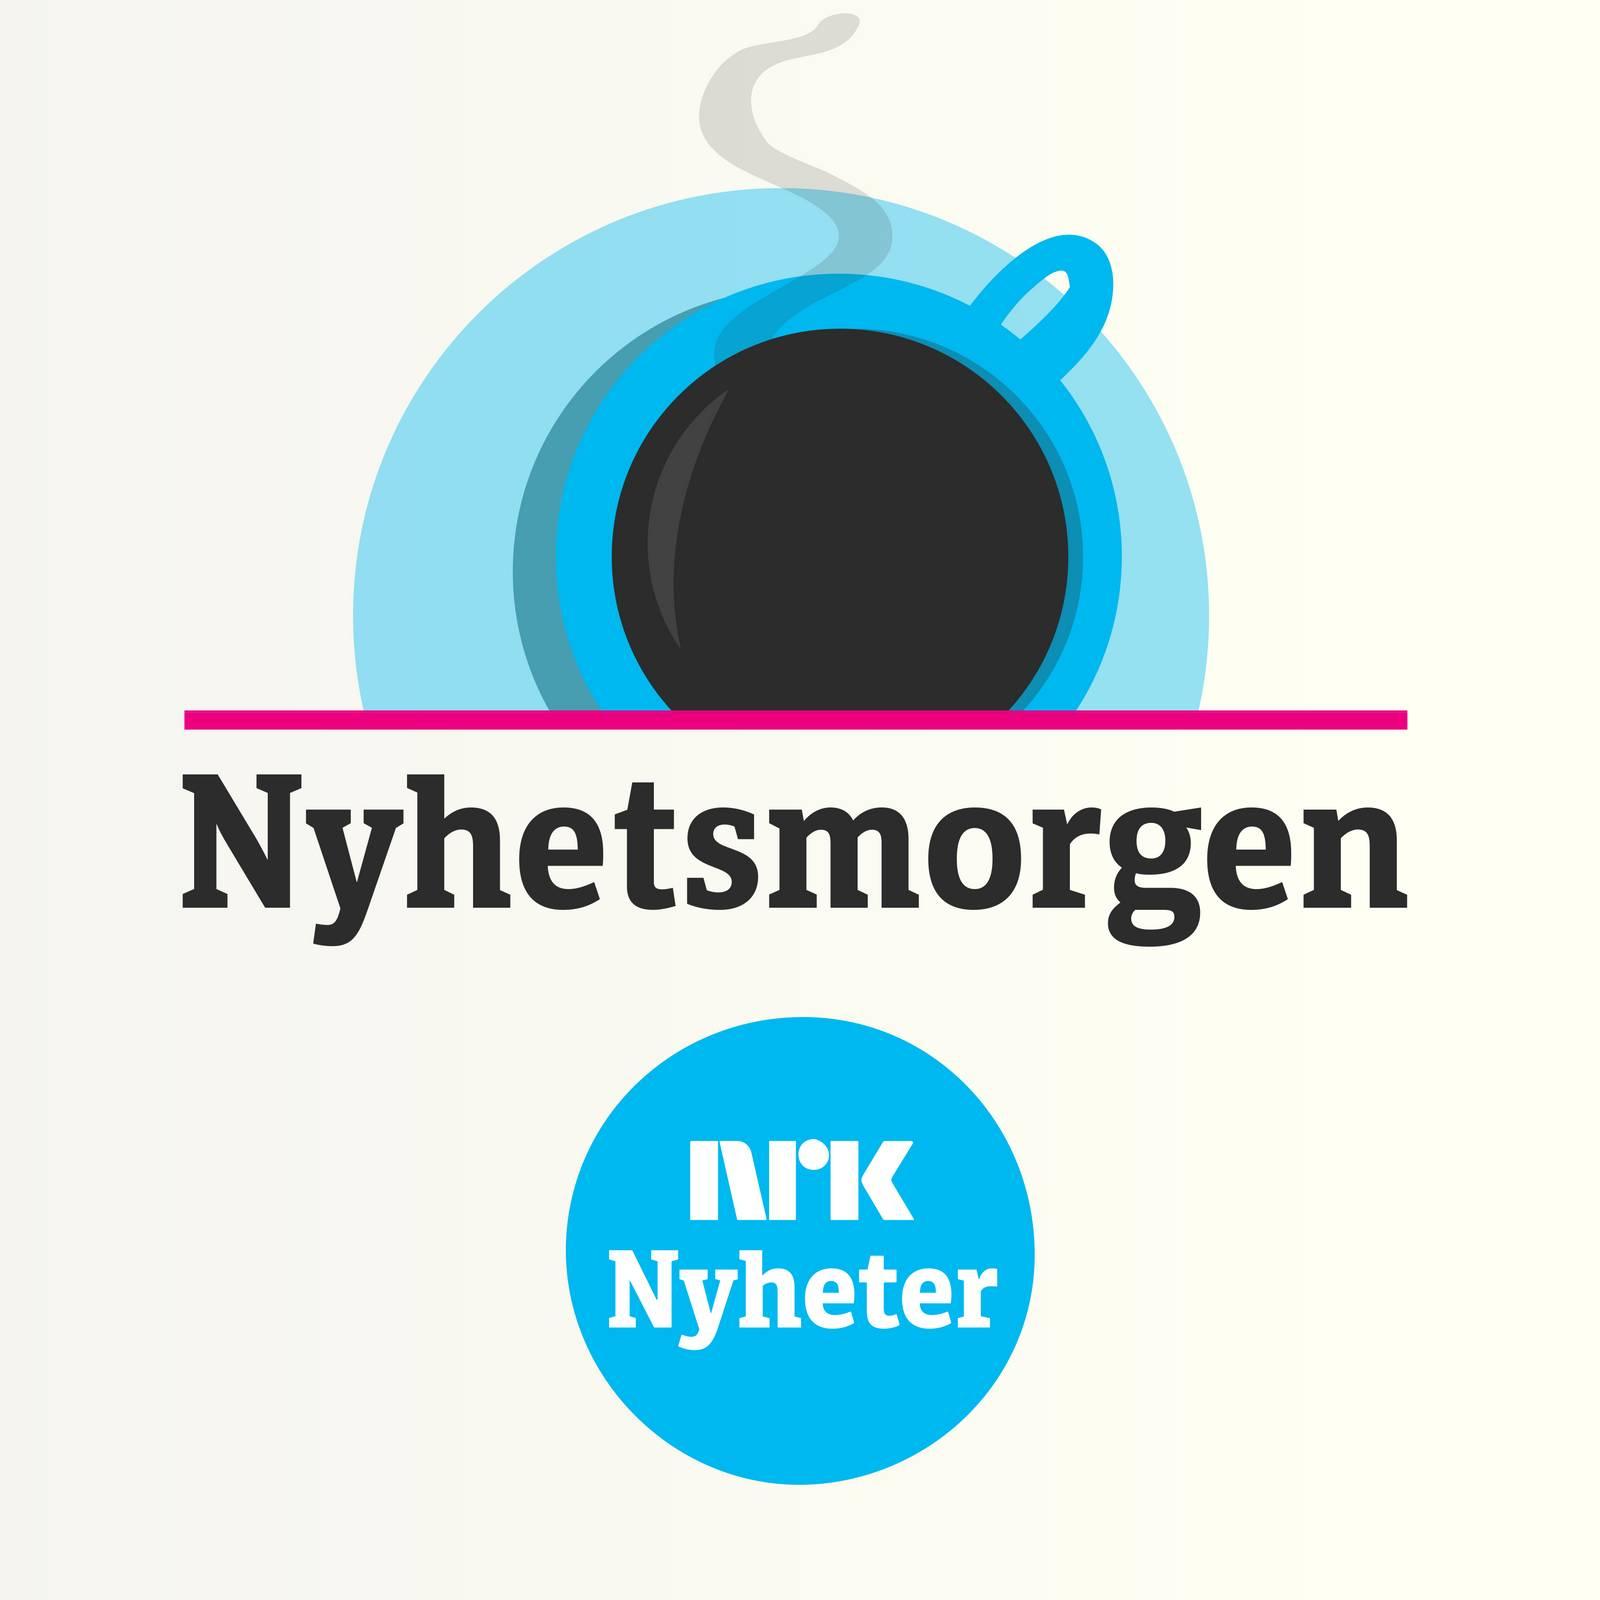 Nyhetsmorgen Nrk Radio